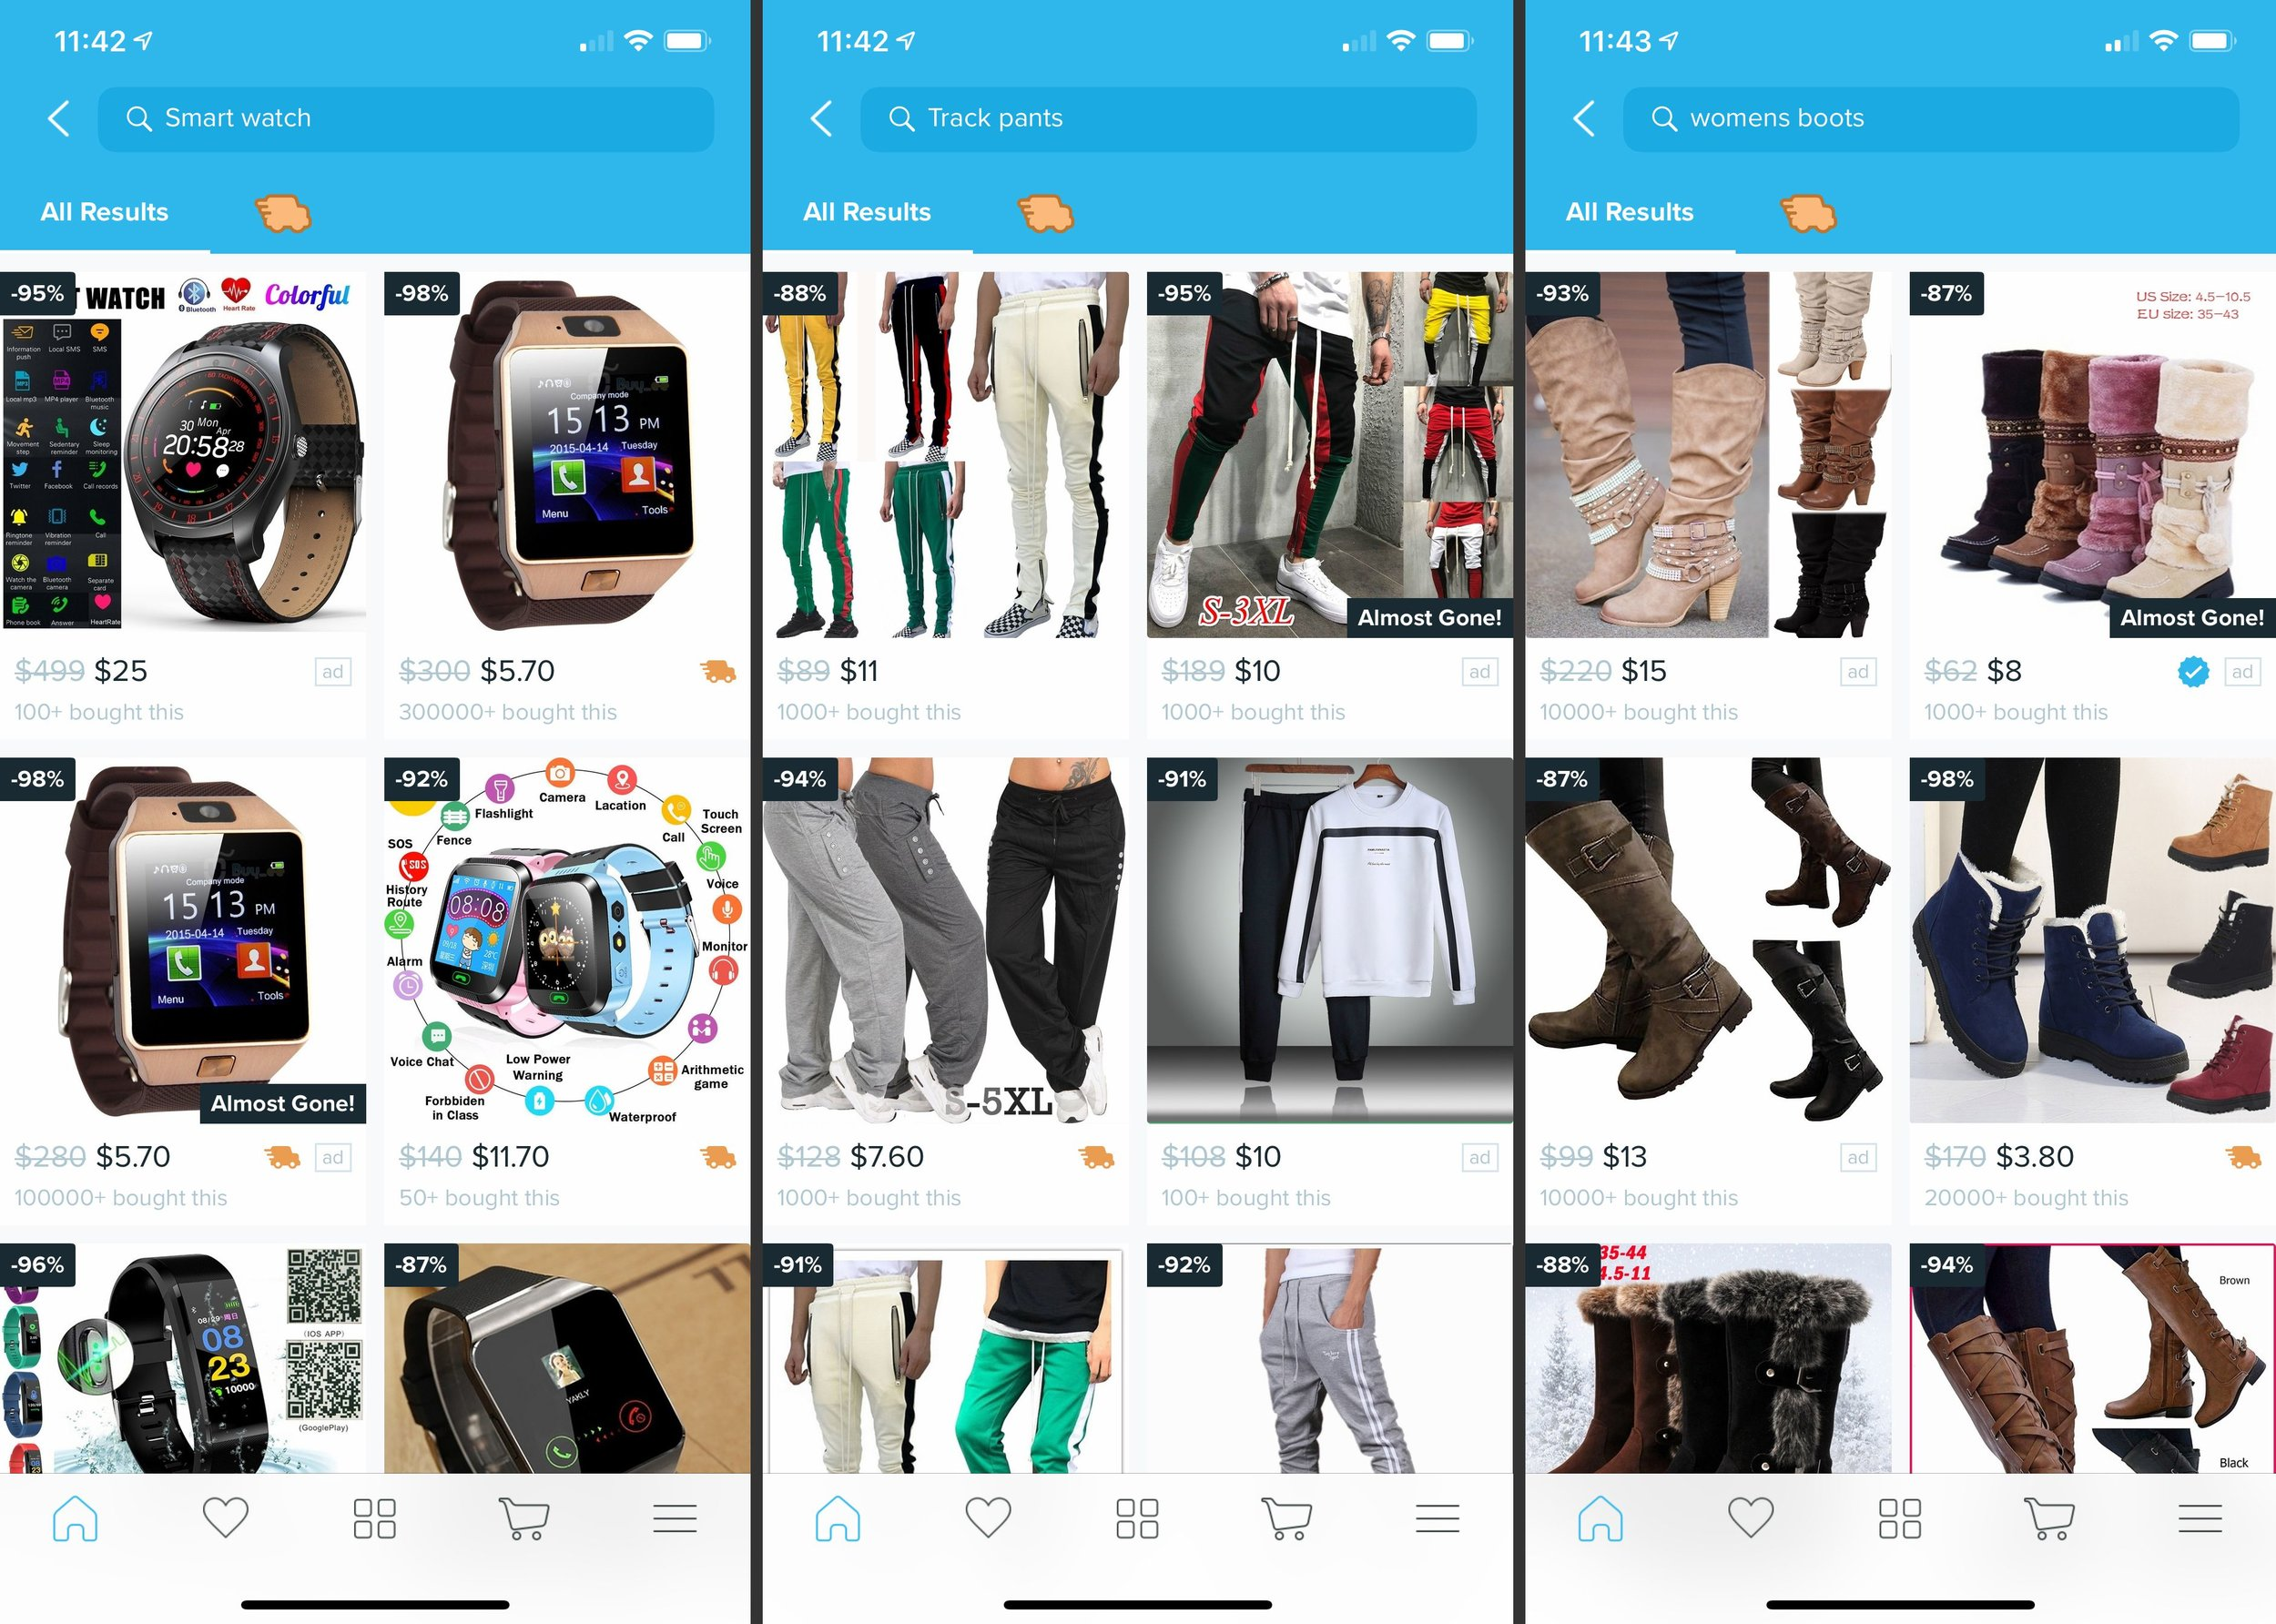 002_what-is-wish-app-4151583-5c0ed0bf46e0fb0001f442b6.jpg